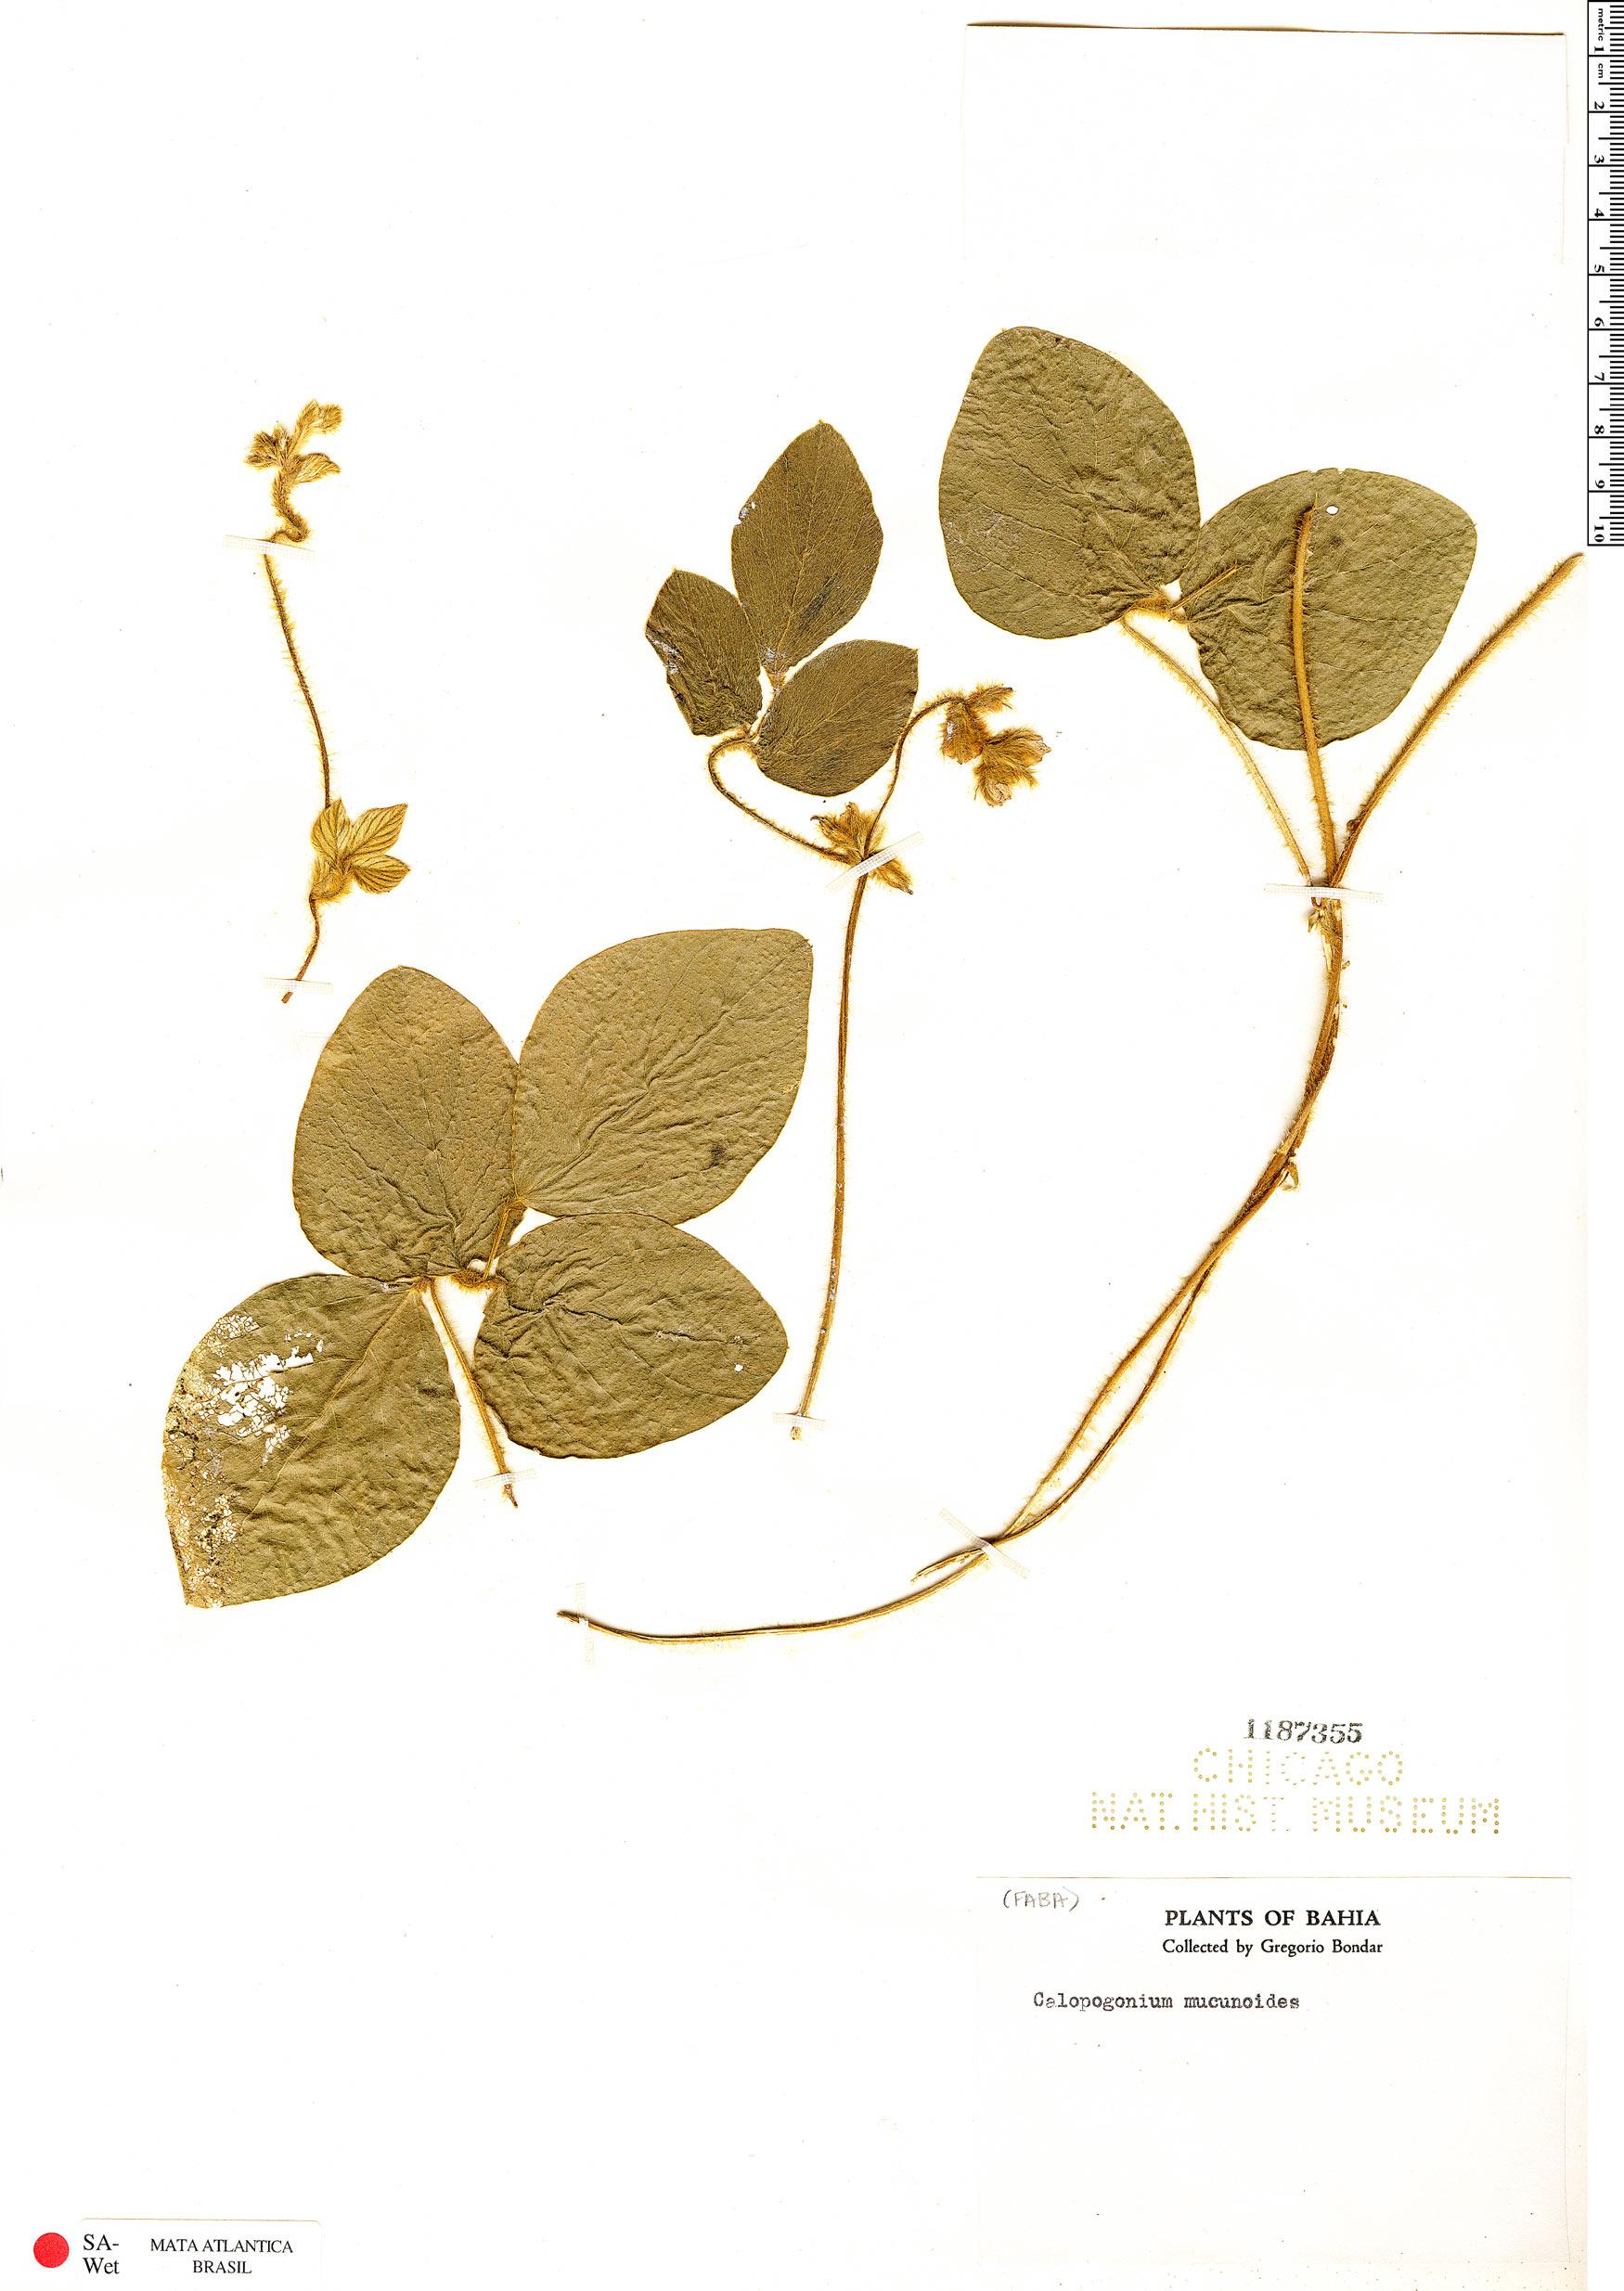 Specimen: Calopogonium mucunoides